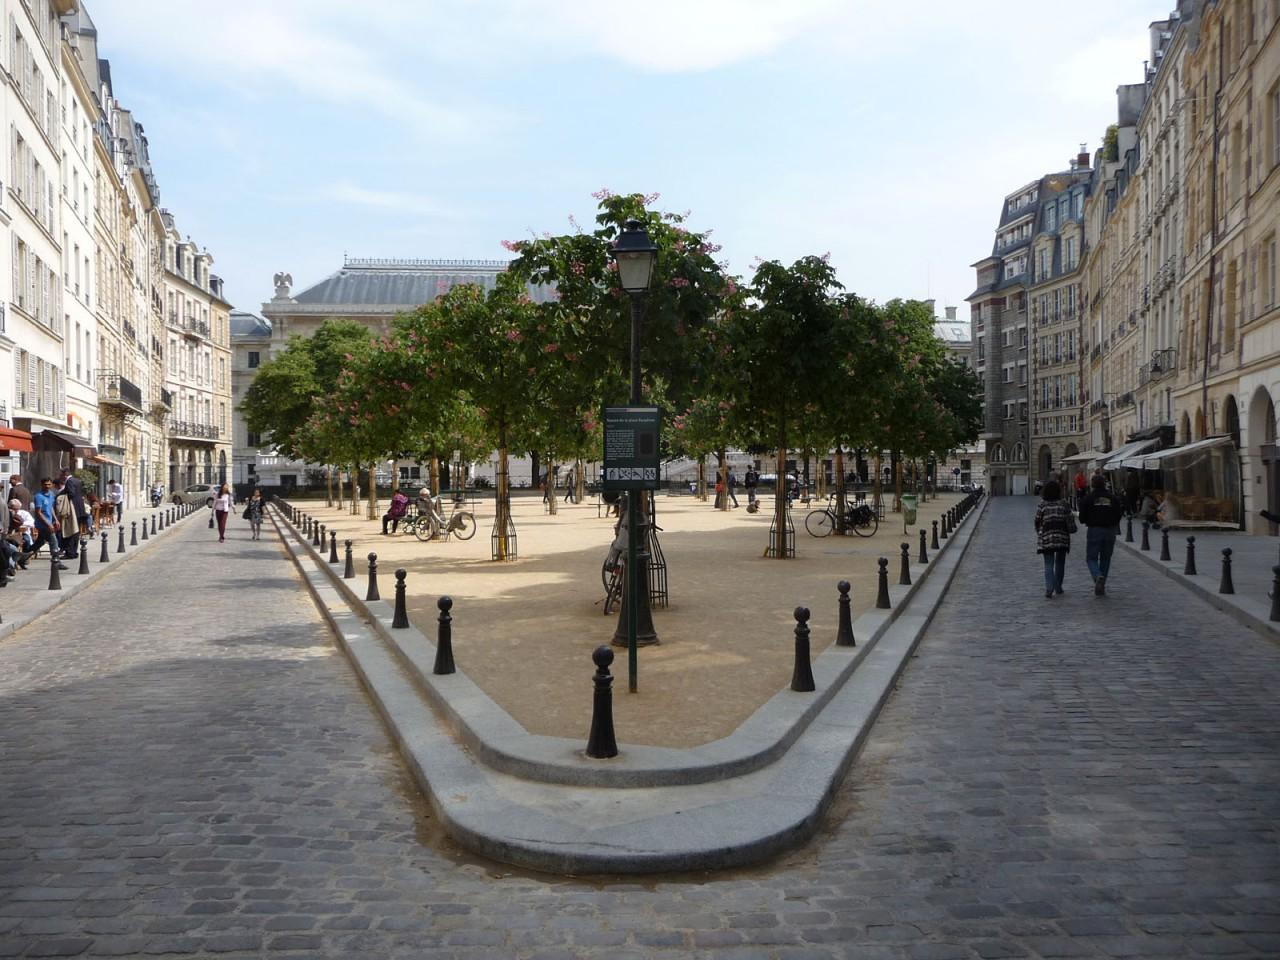 Place Dauphine : La piazza dalla una curiosa forma triangolare | Curiosità